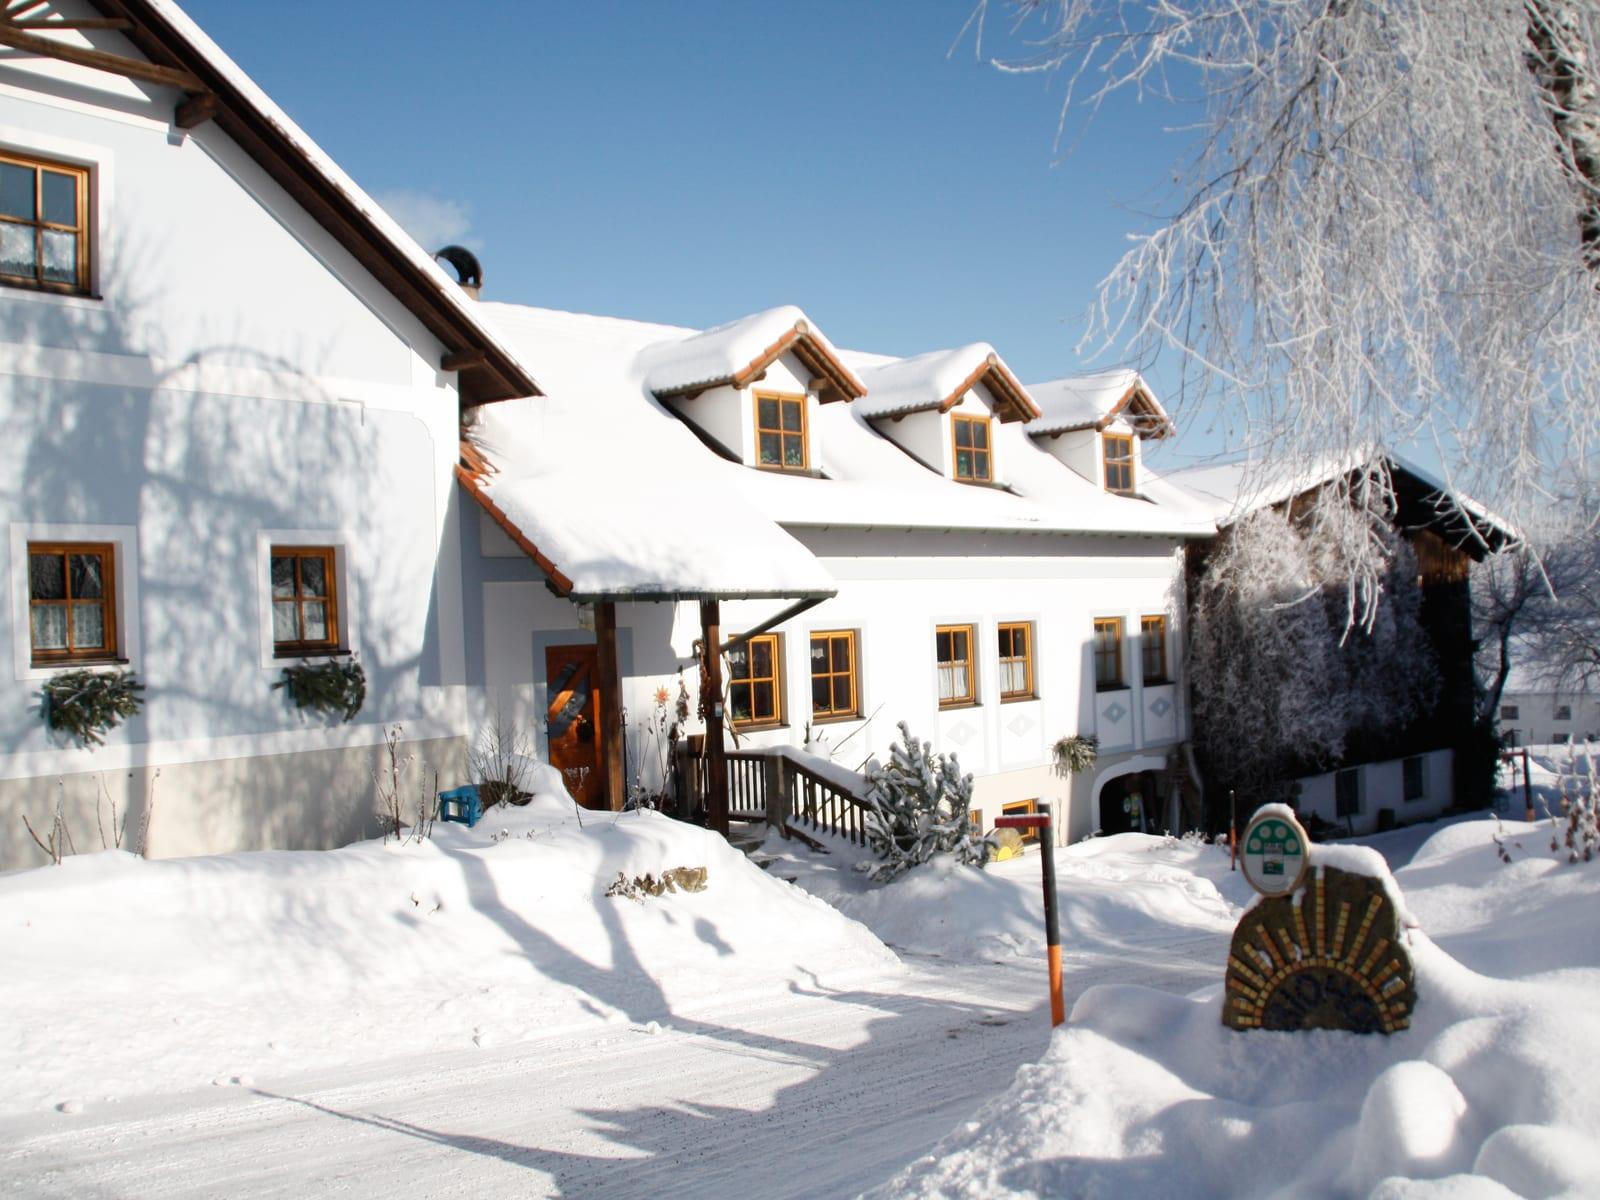 Biohof Besenbäck - winterliches Haus